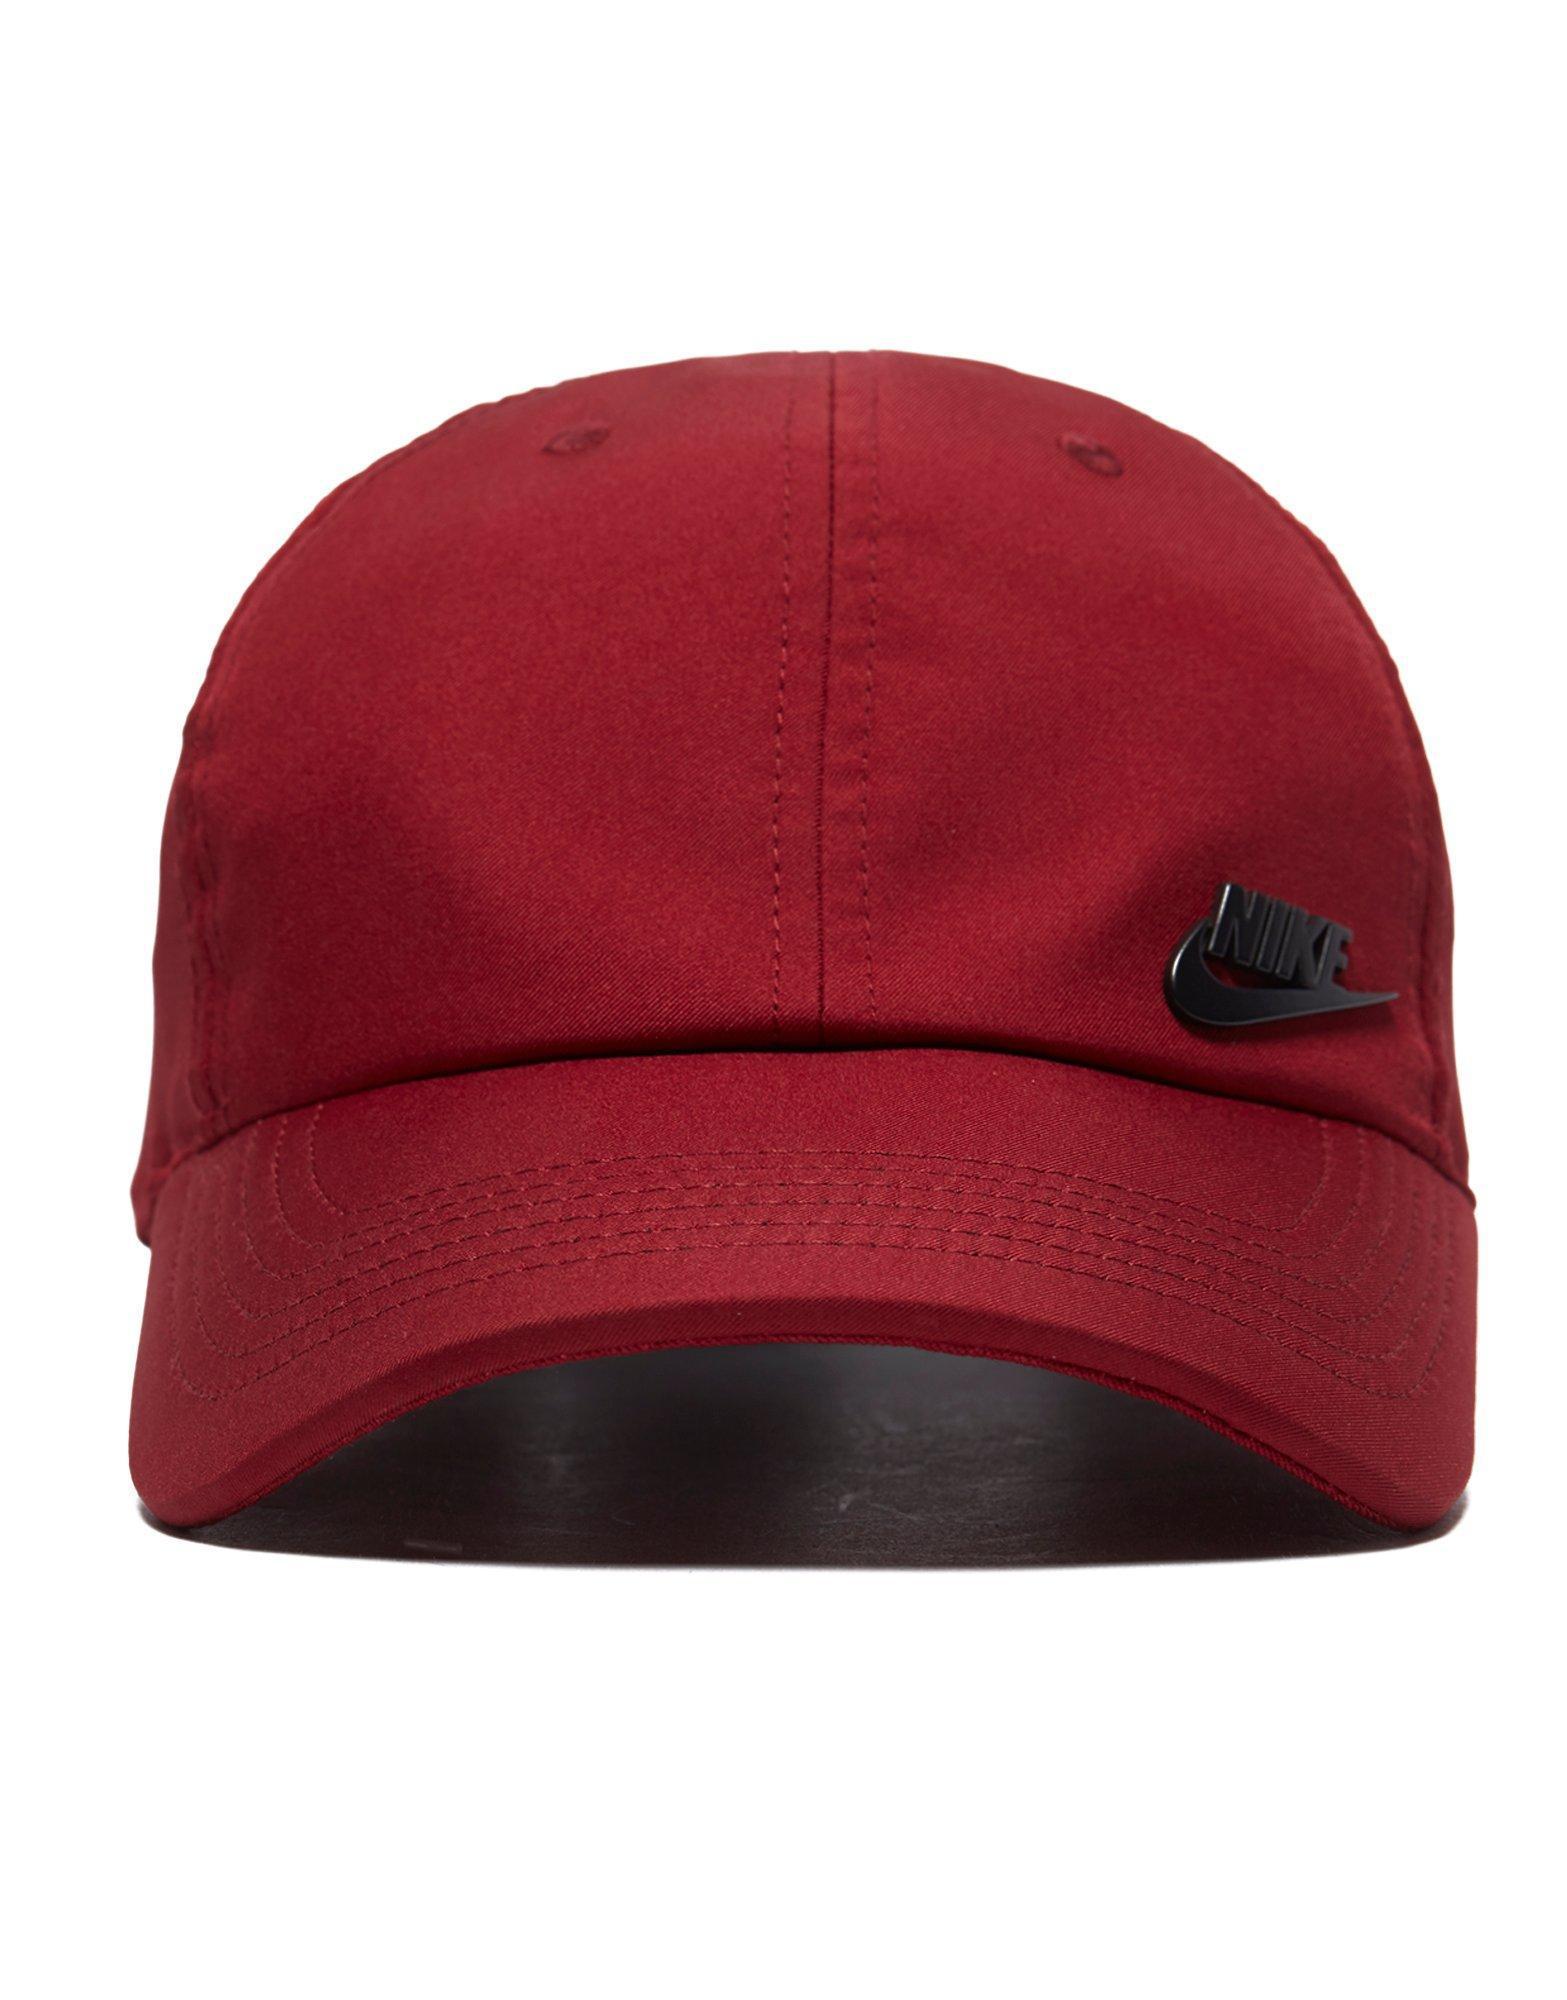 434f937b368 Nike H86 Futura Cap in Red - Lyst